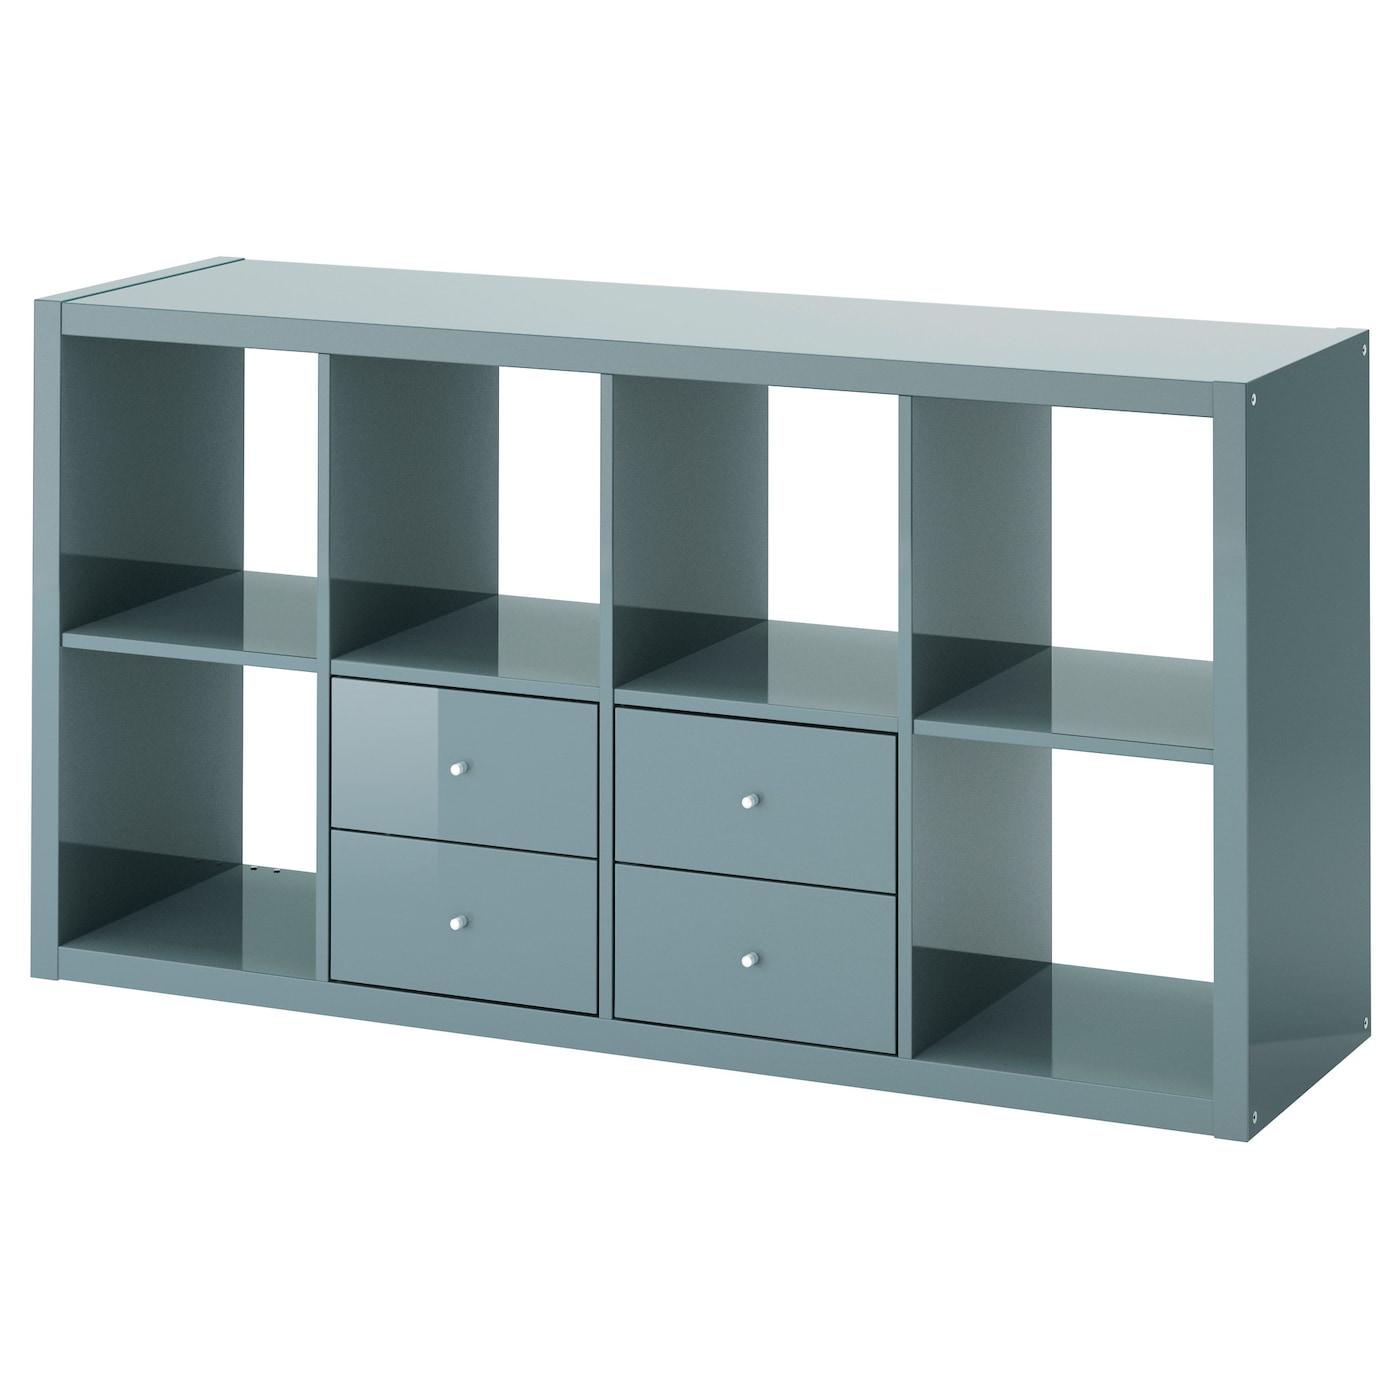 IKEA KALLAX Shelving Unit With 2 Inserts